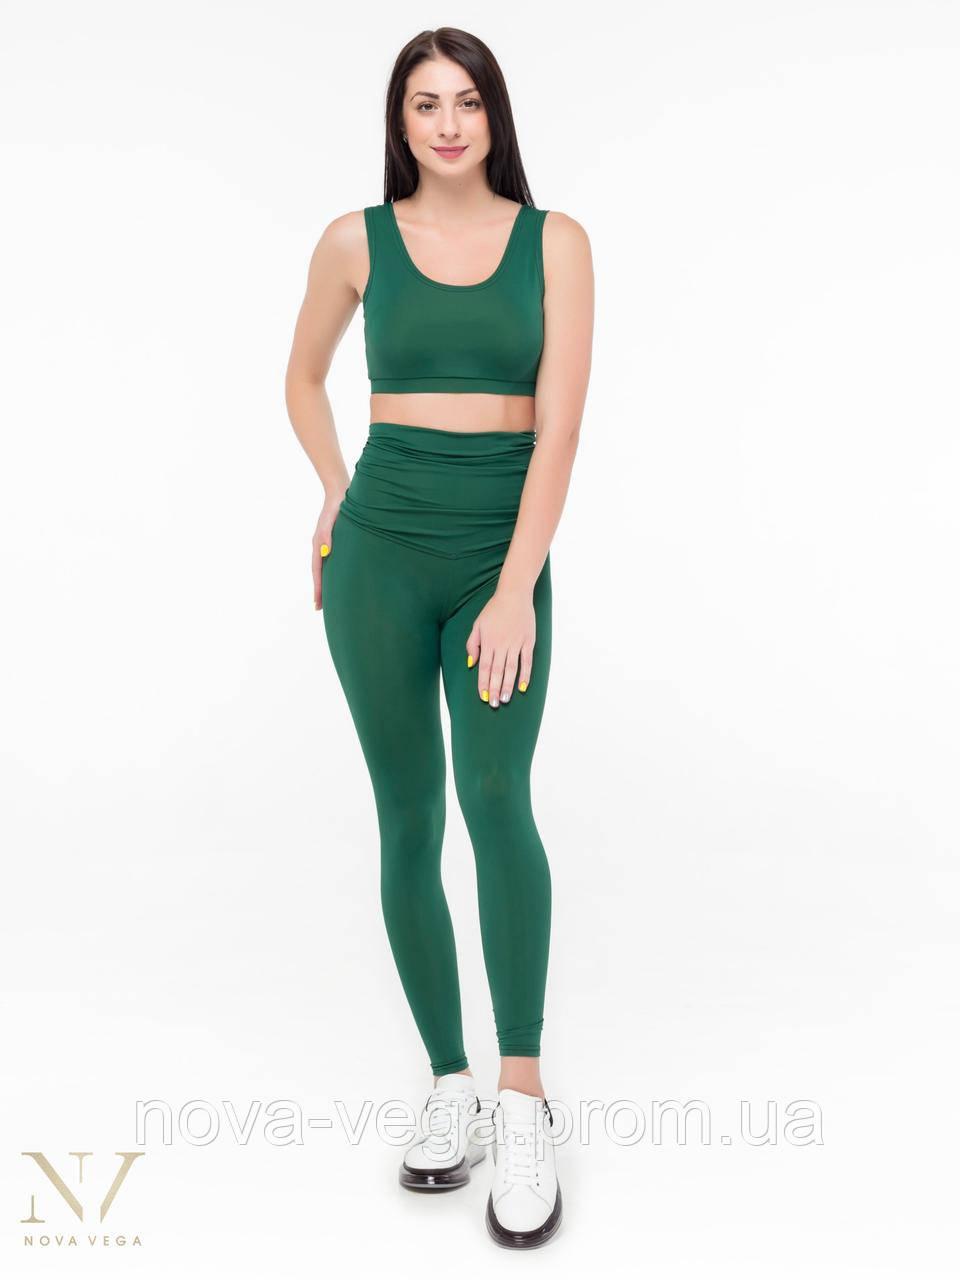 Спортивные Женские Лосины Nova Vega Classic Green Высокий Пояс